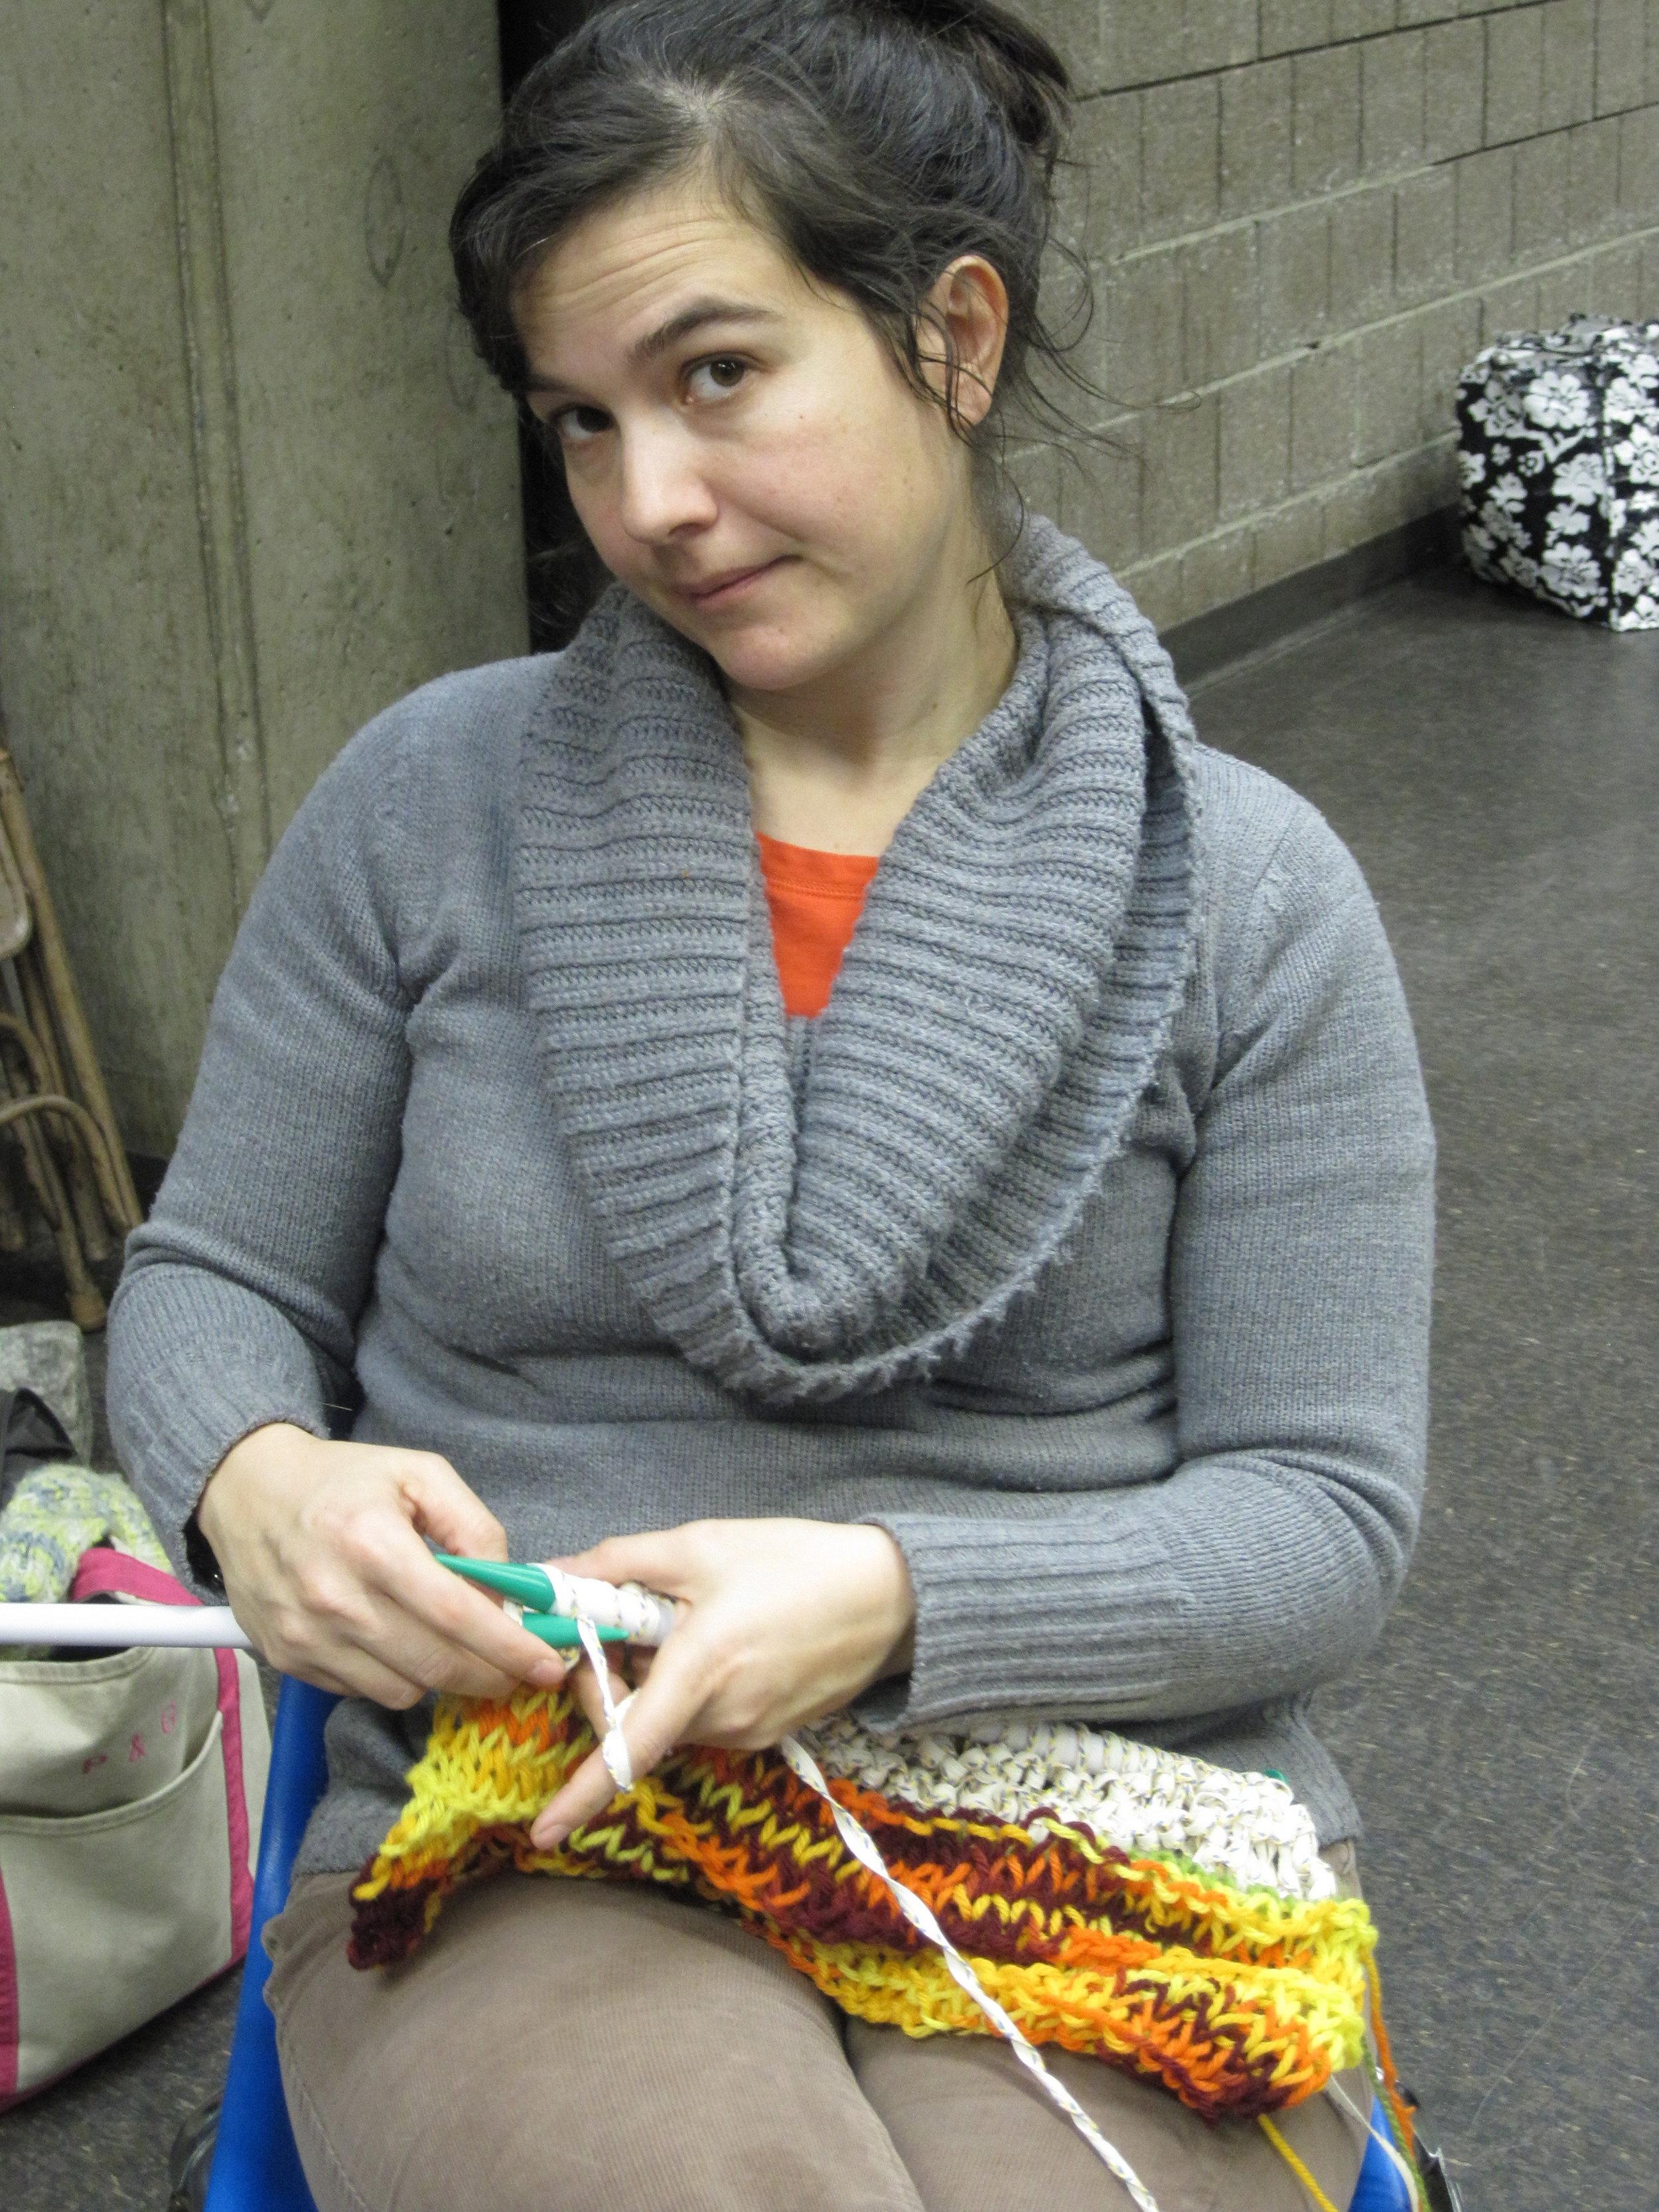 knittingmarathon10_4315591738_o.jpg